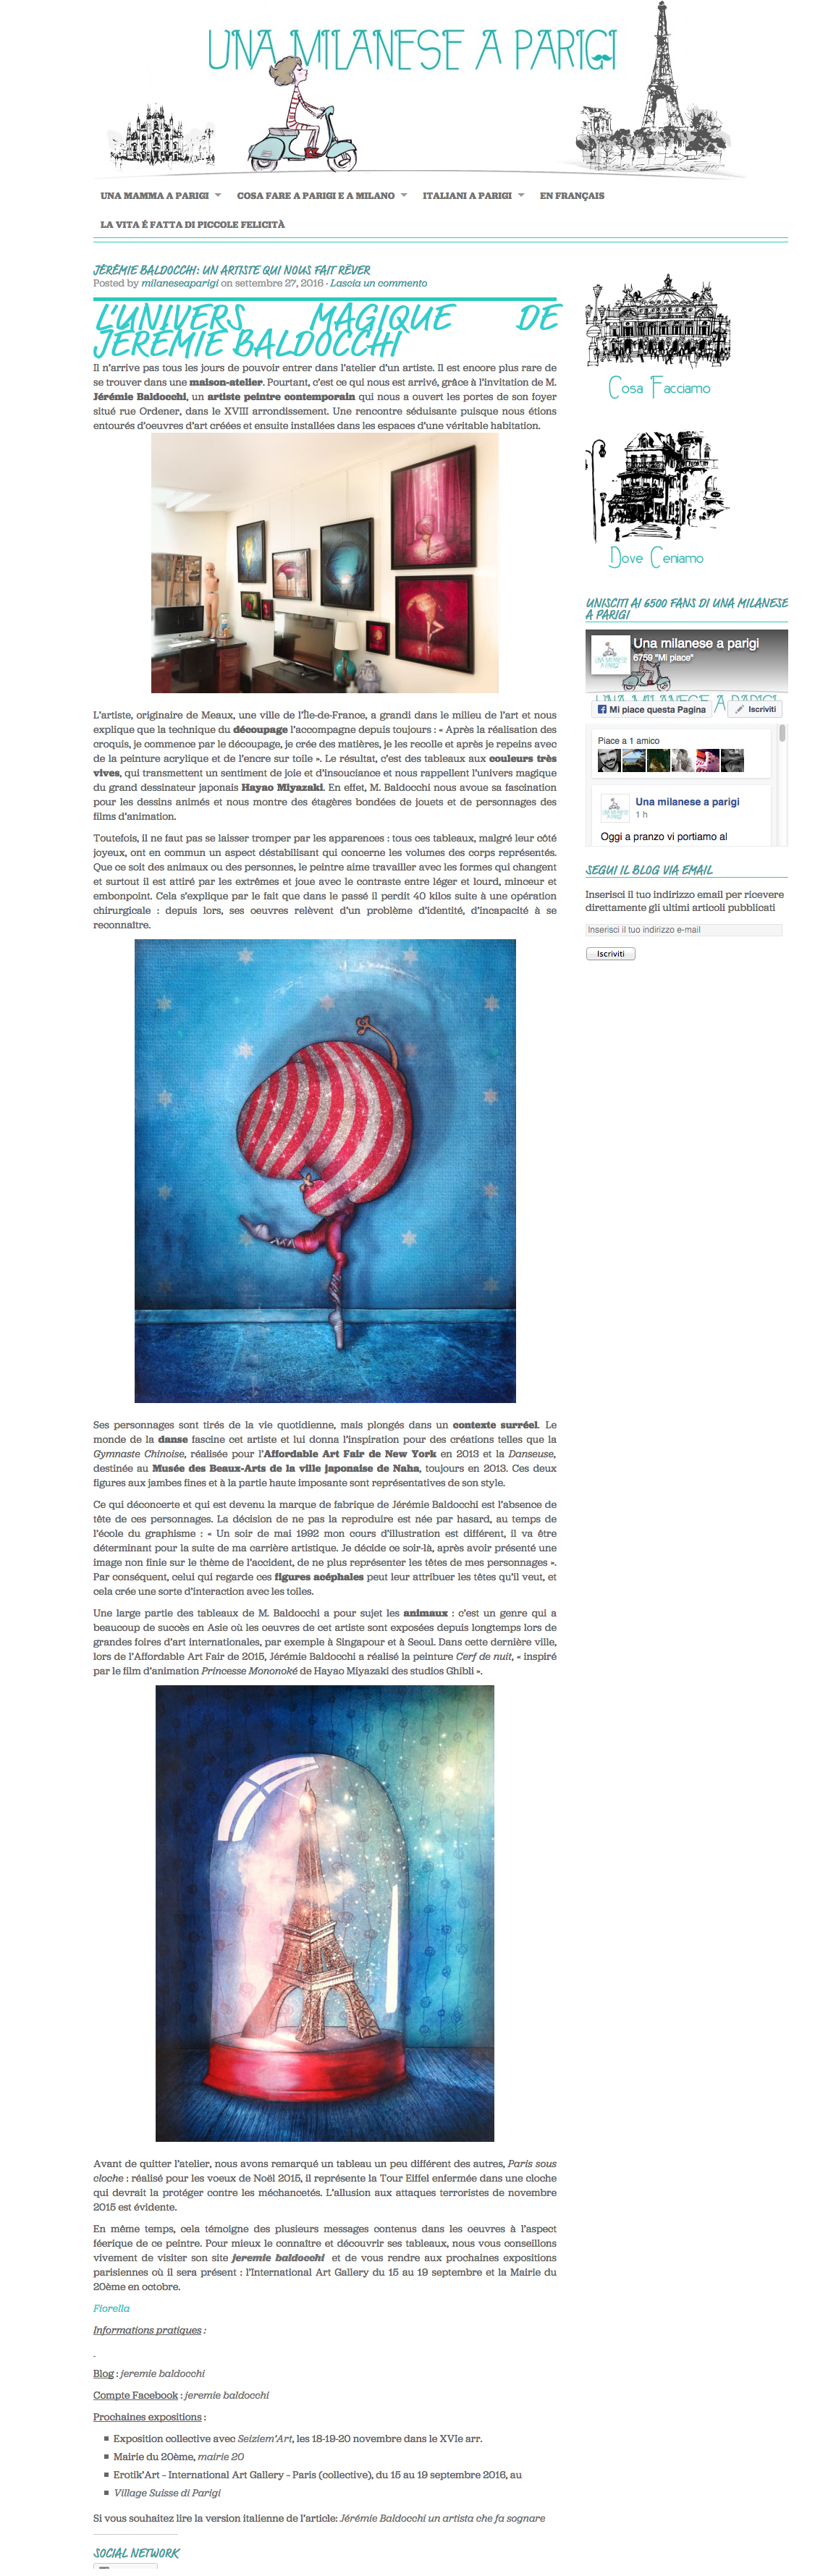 2016-06 Article par Fiorella Palmieri pour blog Una Milanese a Parigi